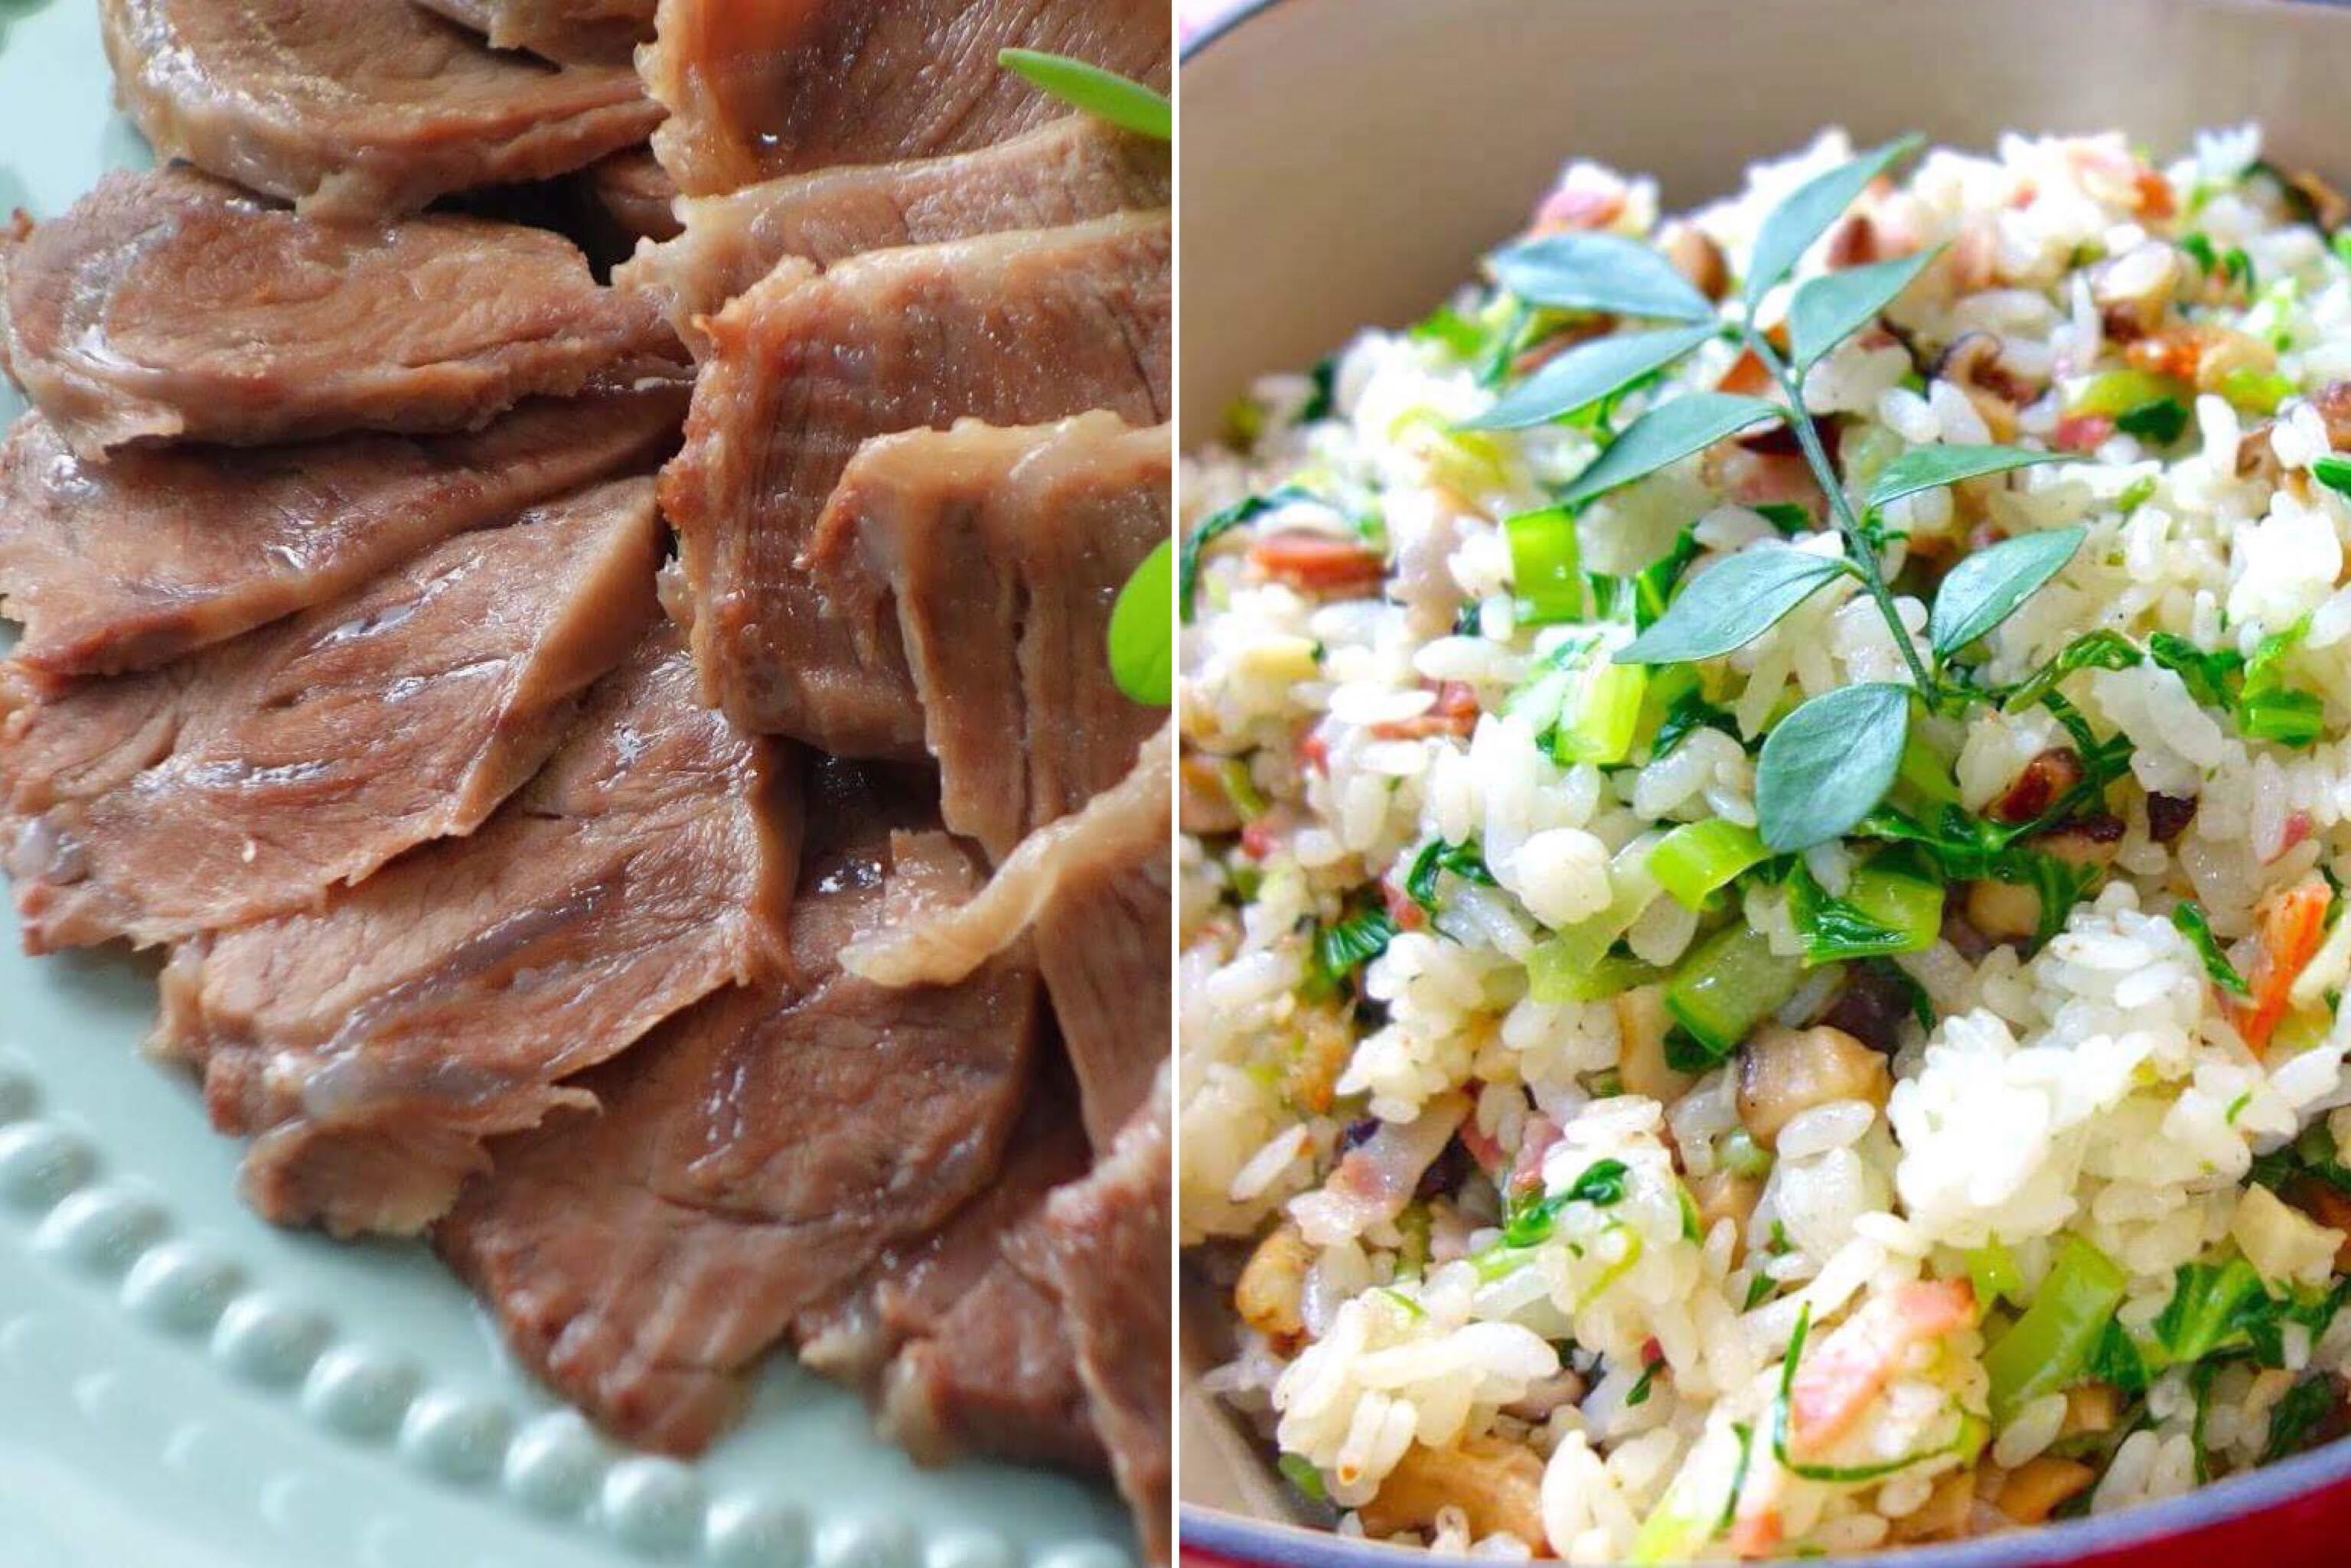 想在家做美食又想省錢?你一定要學會這 5 道銅板料理!